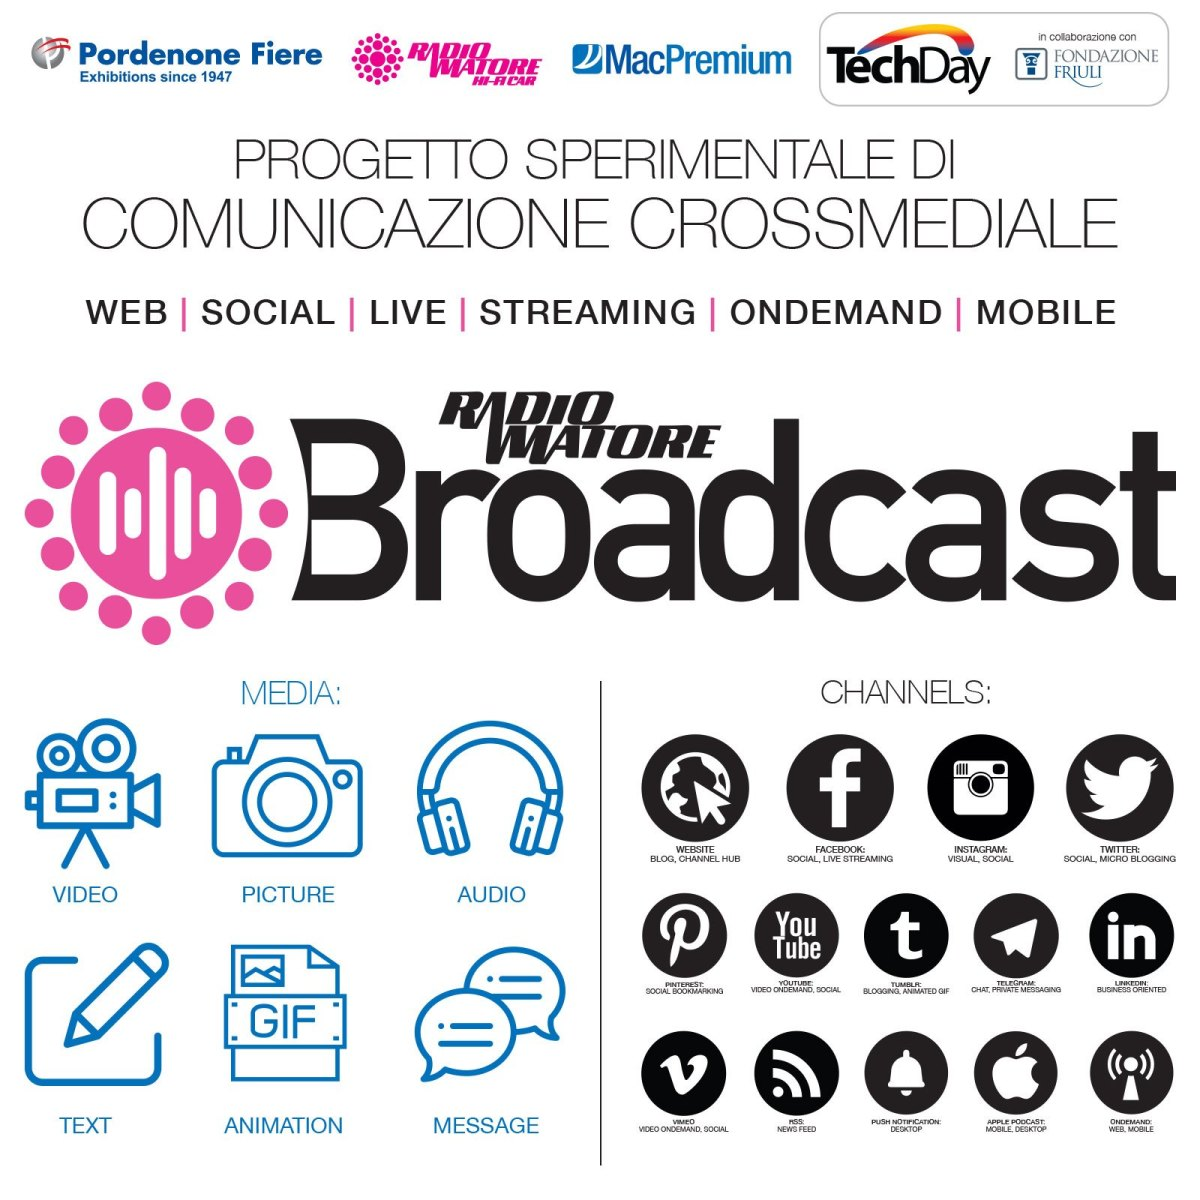 Broadcast Hero Radioamatore Broadcast, la fiera sperimenta la comunicazione crossmediale in diretta